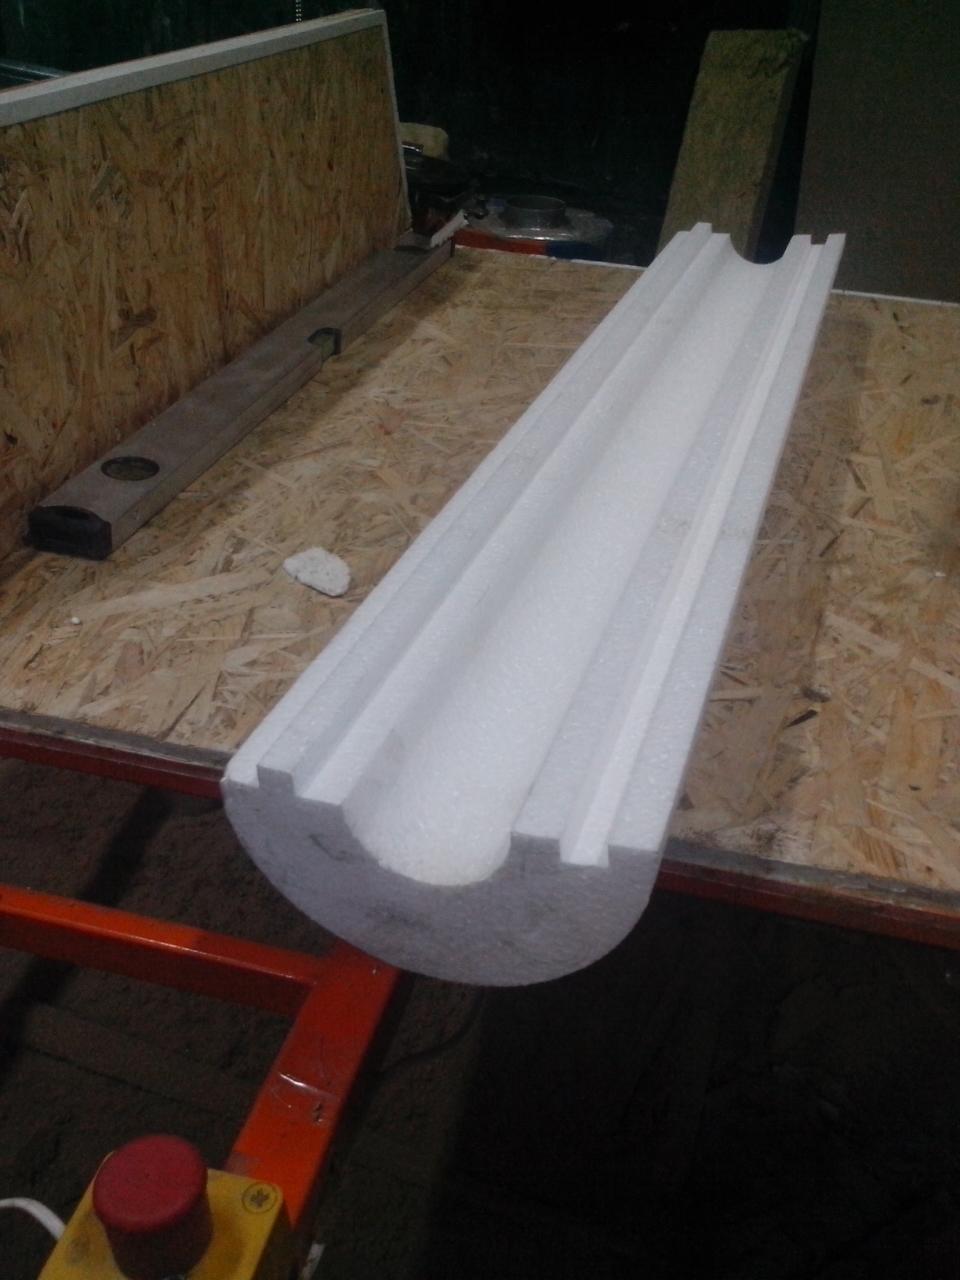 Утеплитель из пенопласта (пенополистирола) для труб Ø 63 мм толщиной 70 мм